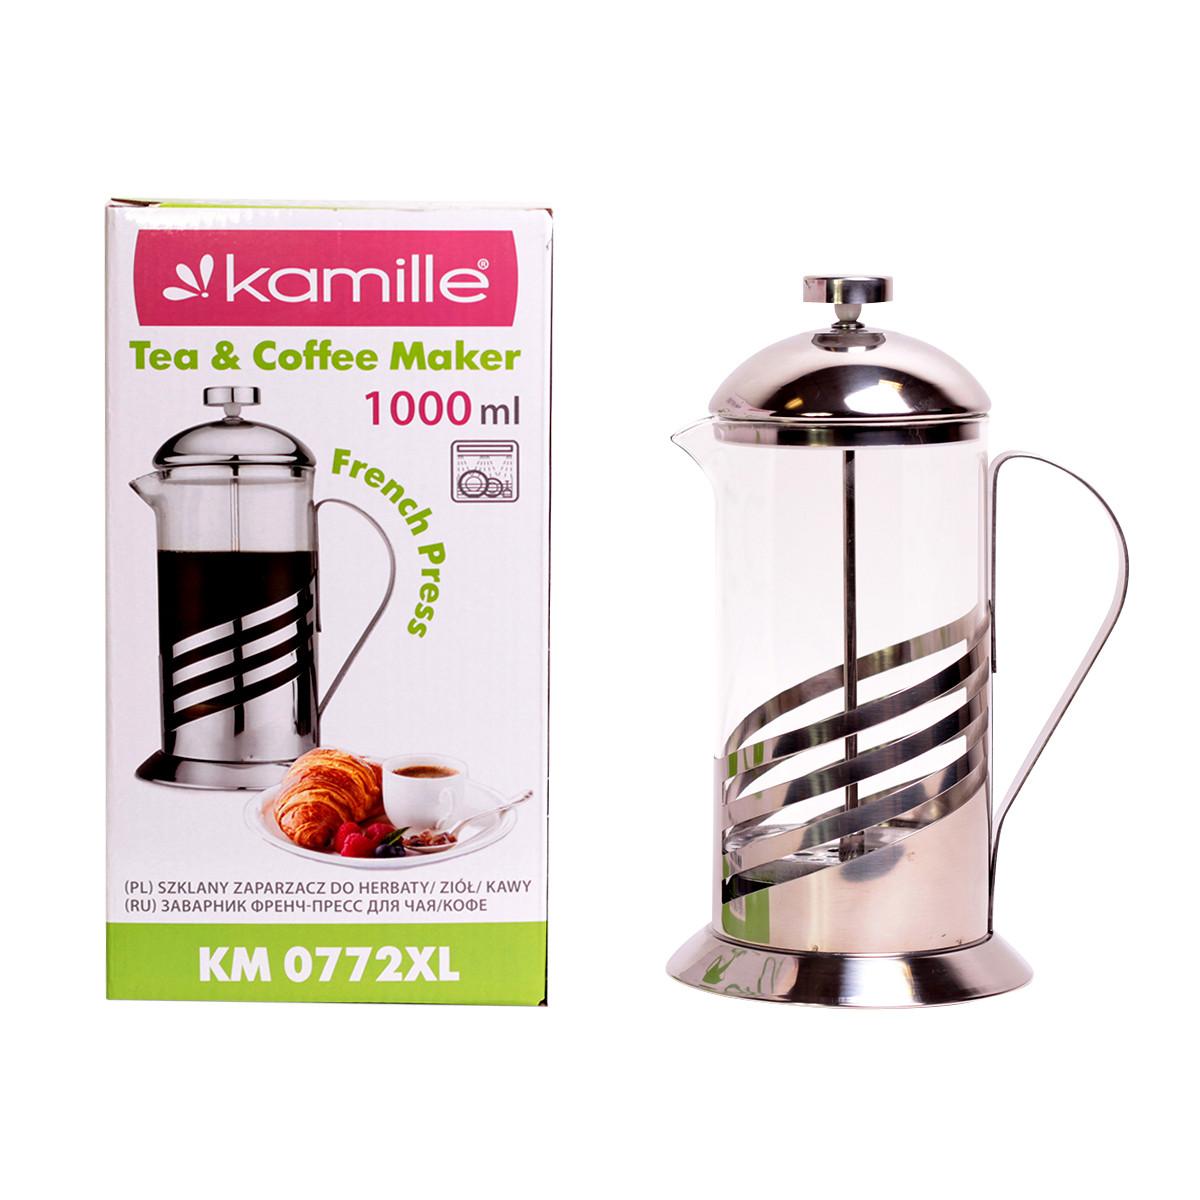 Френчпресс Kamille 1000мл (нержавеющая сталь, стекло) KM-0772XL